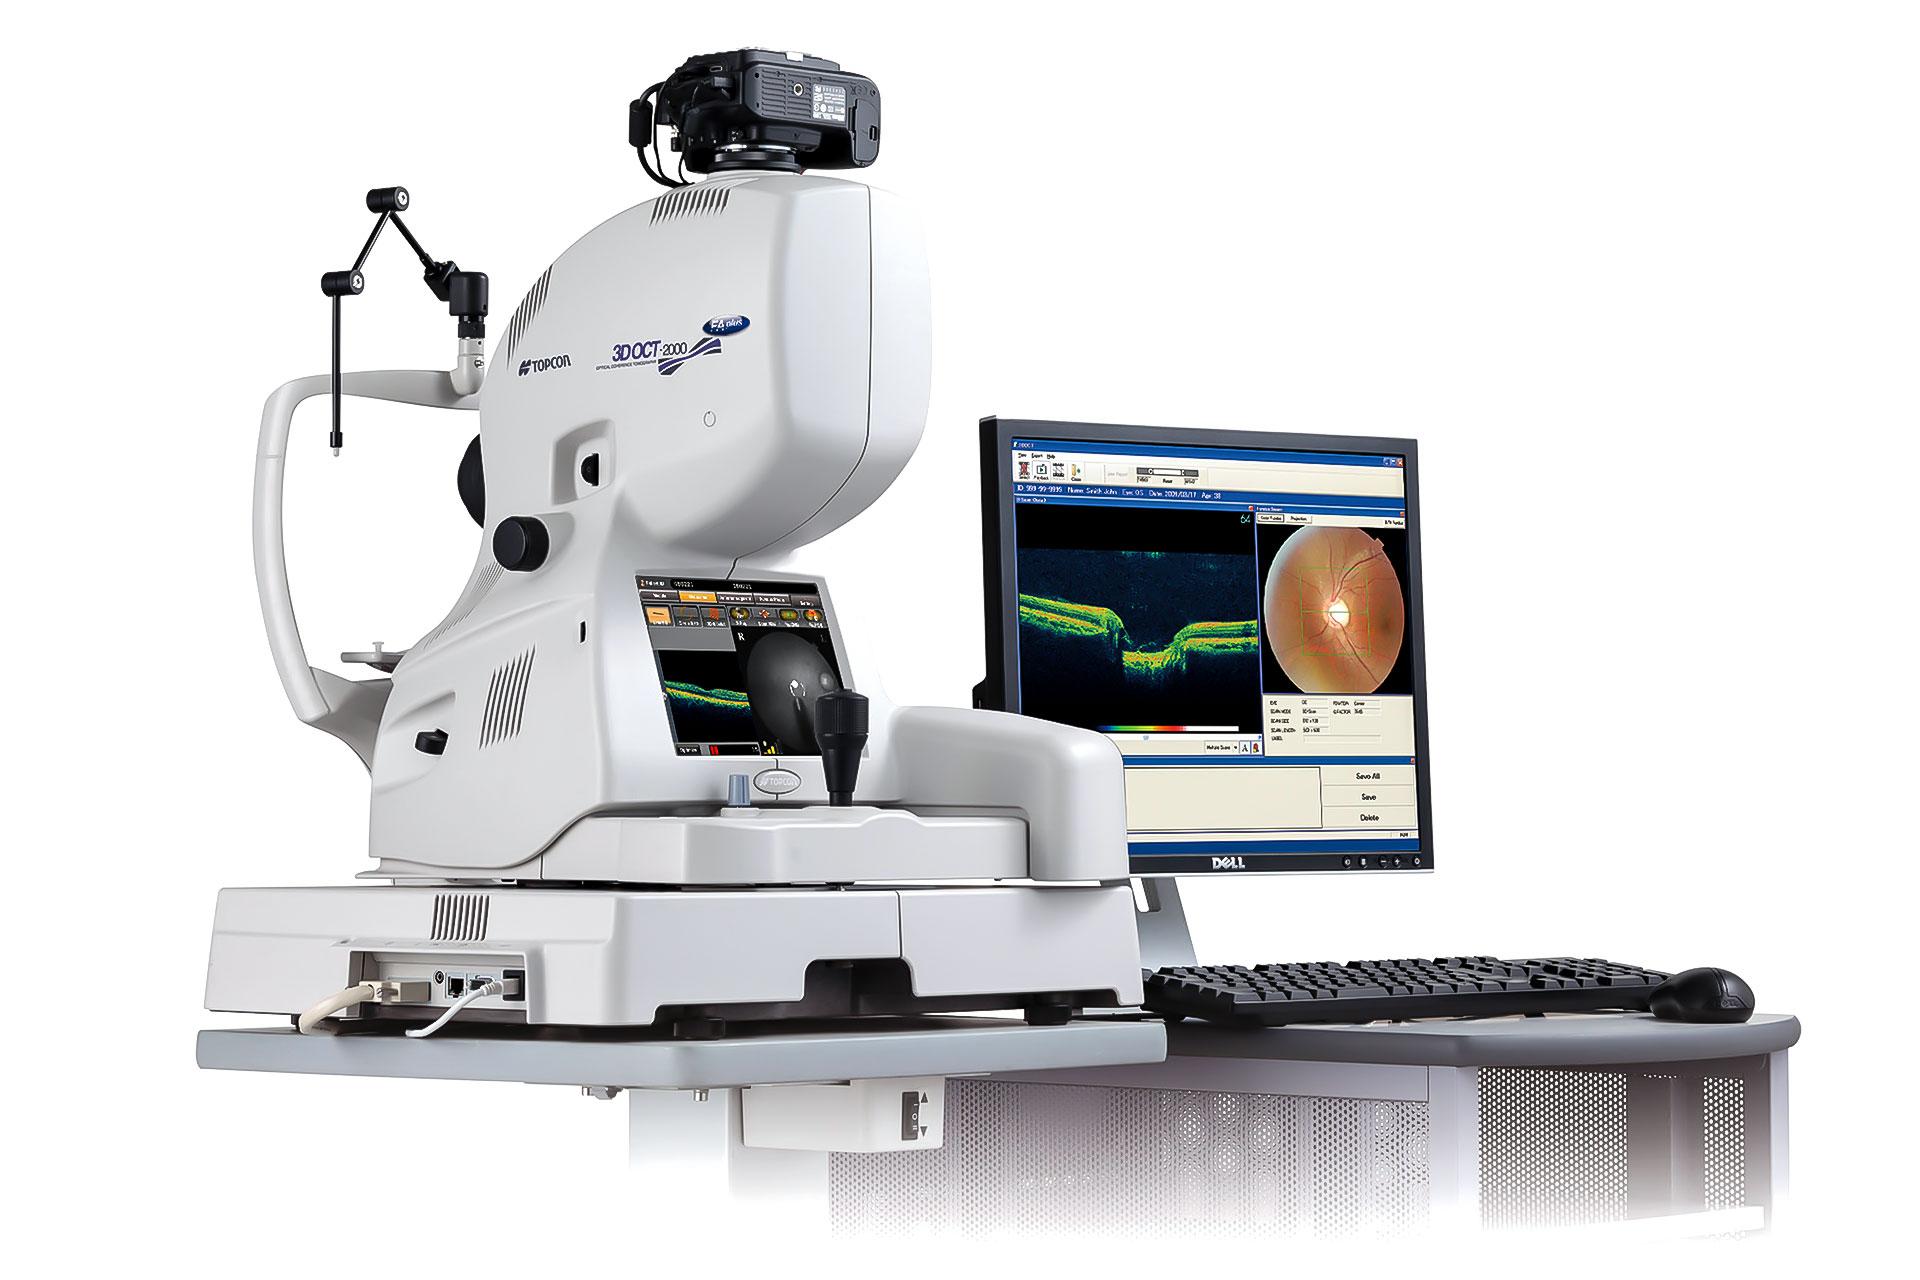 Glaukom - Bildquelle: TOPCON Deutschland Medical GmbH